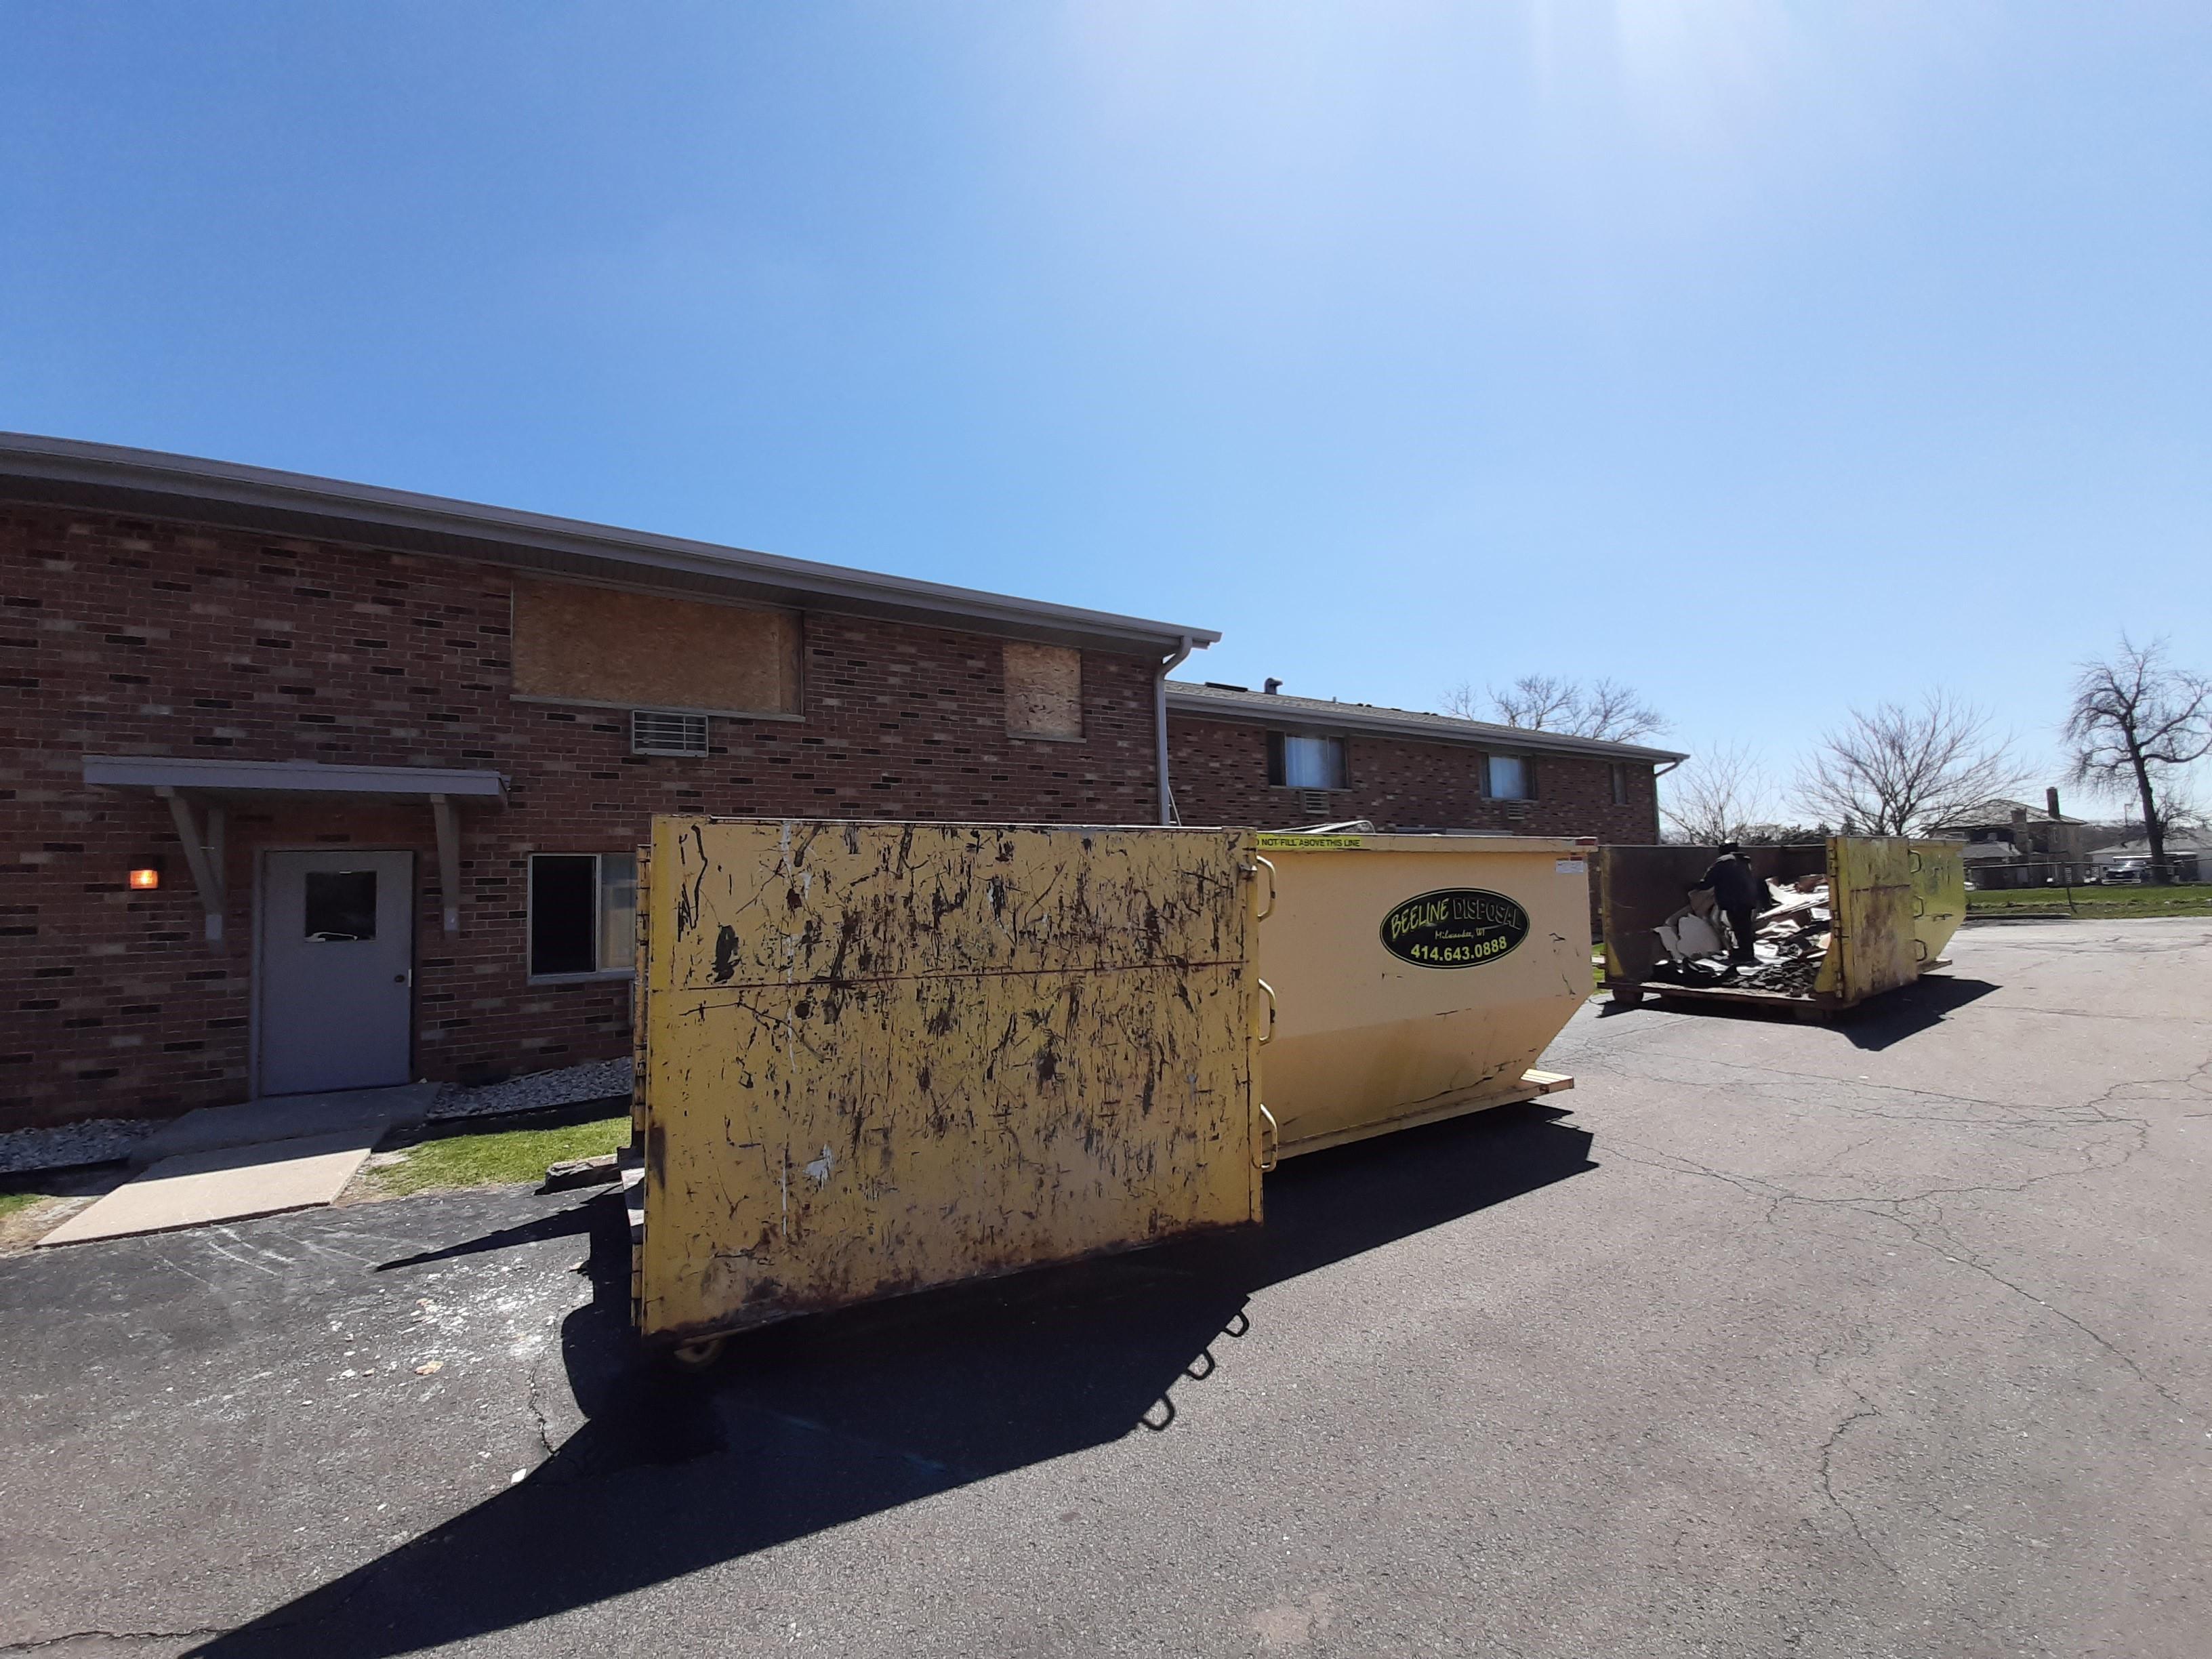 Greenfield Loomis apt fire April 2020 boards trash